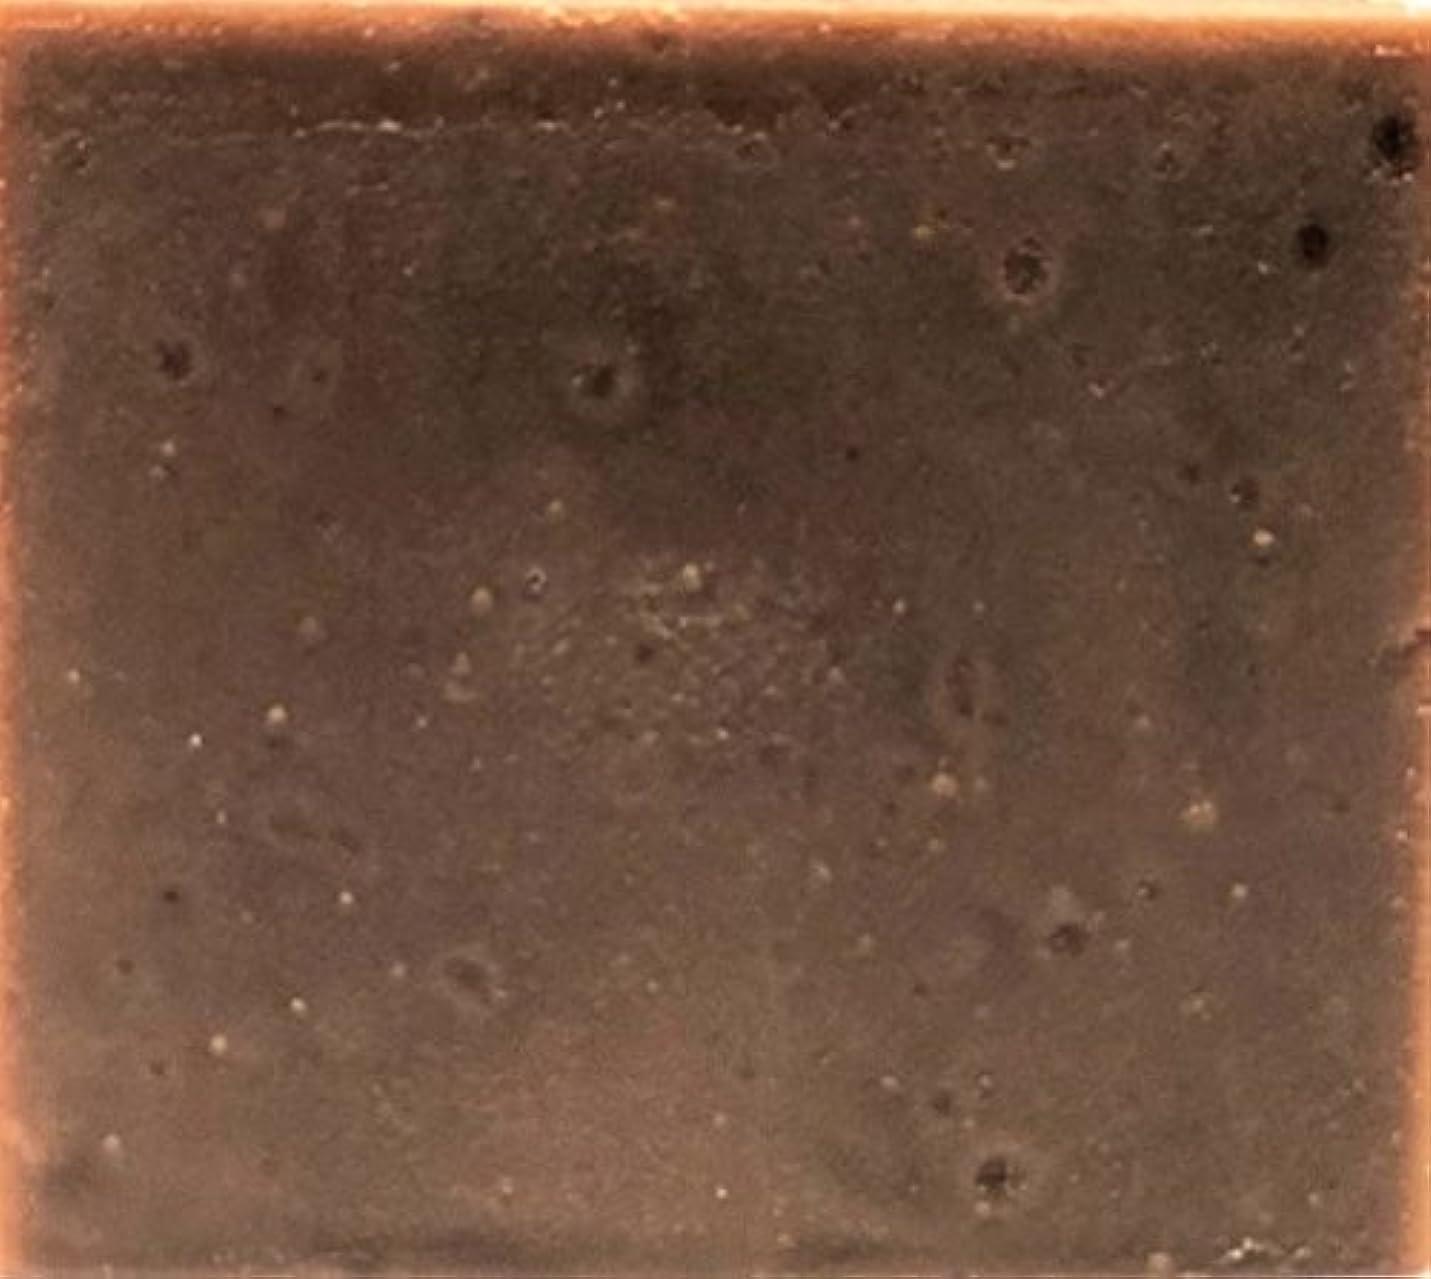 マイルド女の子戦艦篠山石鹸 ラベンダー 90g 自家製ハーブを使い、コールドプロセス製法で作った手作り石けん